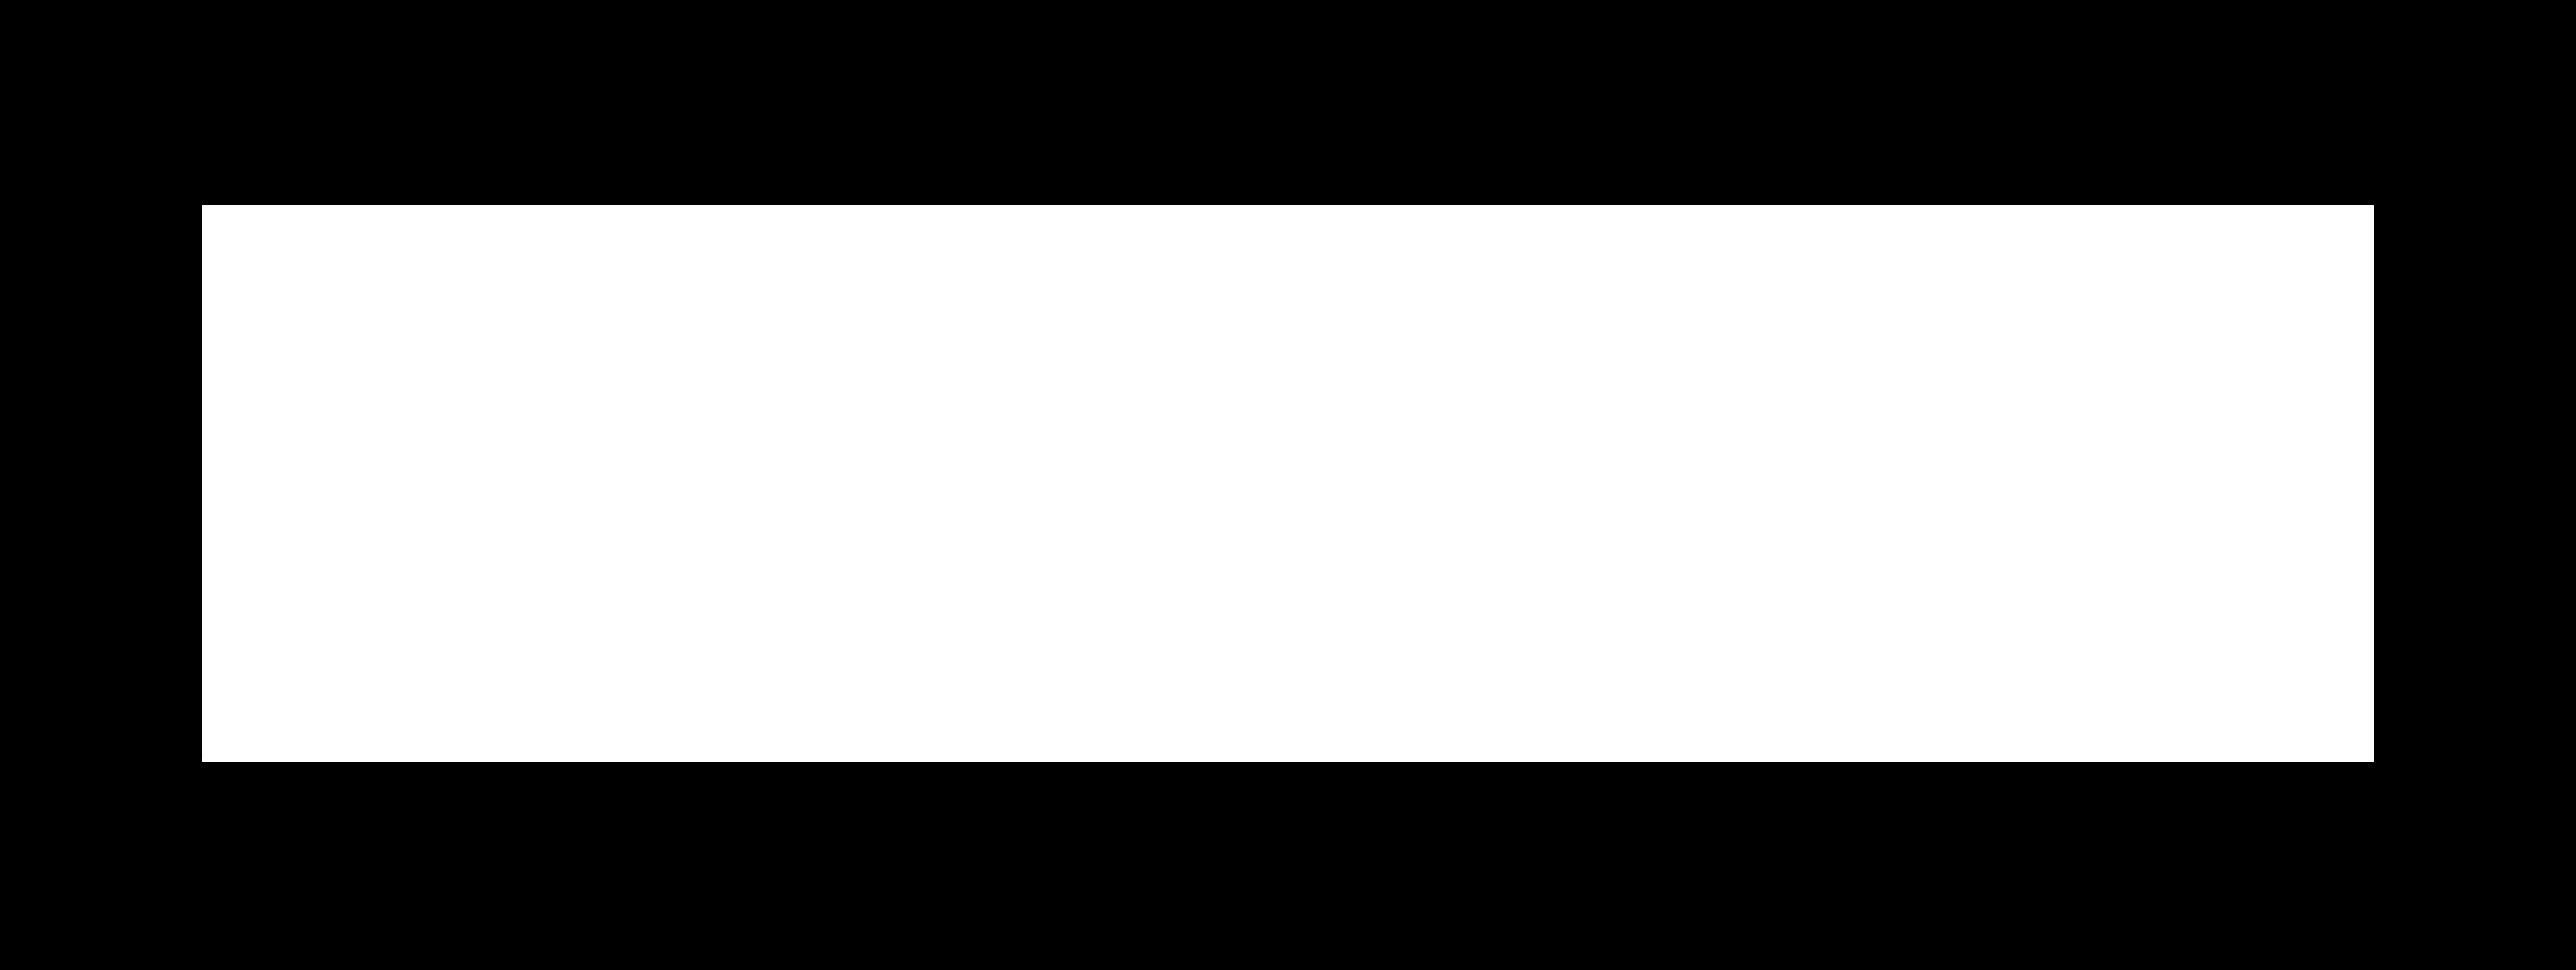 The Euricom Blog